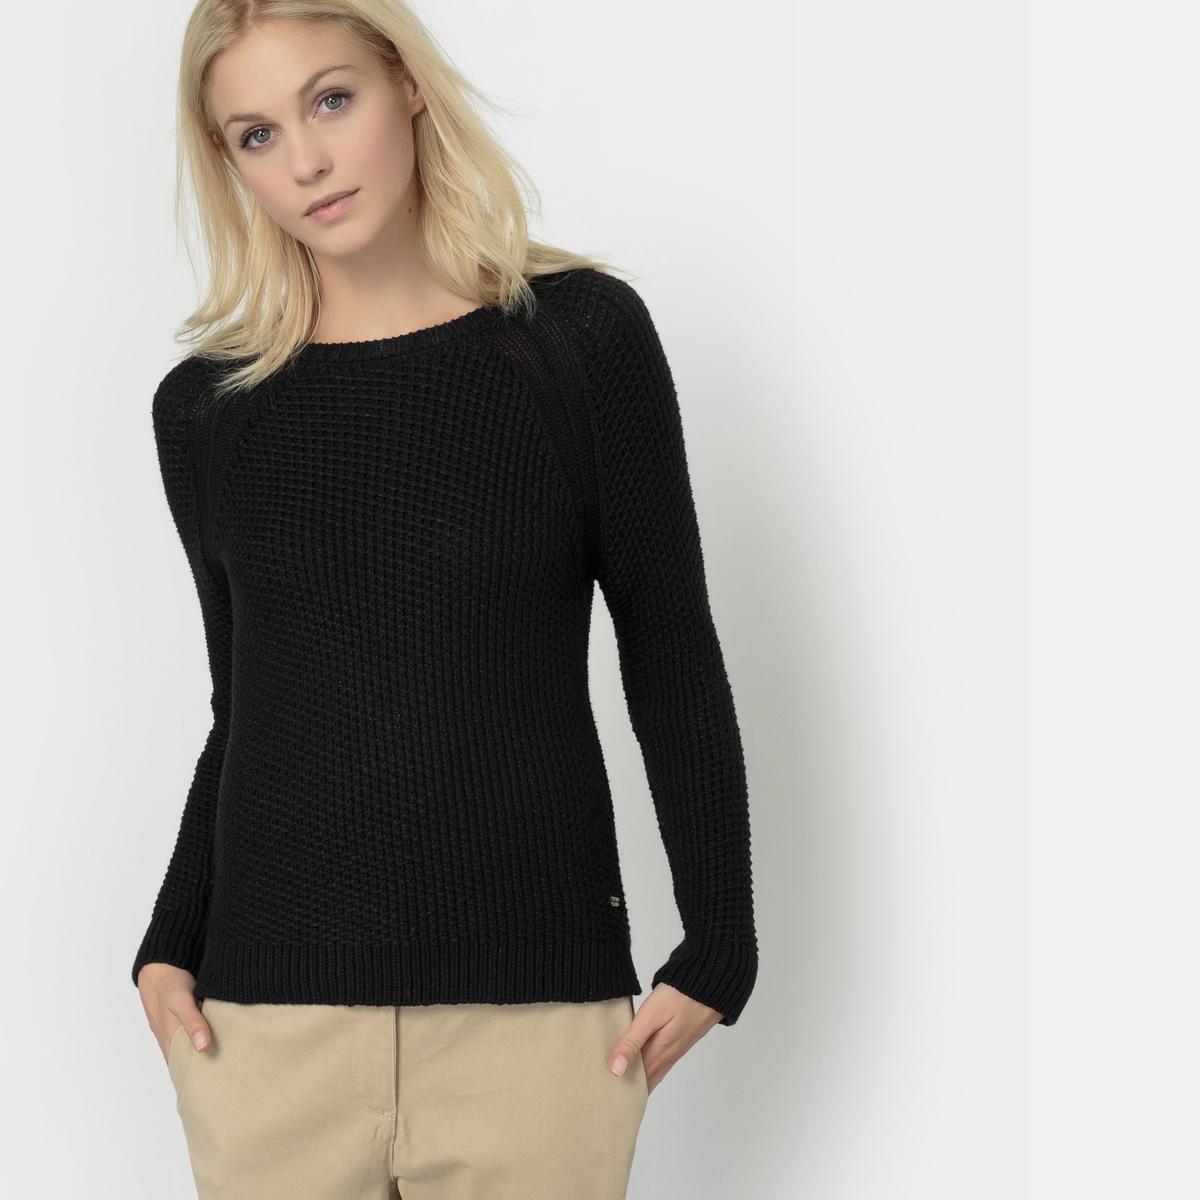 Пуловер с длинными рукавами, PENNYПуловер с длинными рукавами, модель PENNY от PEPE JEANS. Прямой покрой. Круглый вырез. Состав и описаниеМарка: PEPE JEANS.Модель: PENNYМатериал: 40% акрила, 32% хлопка, 28% полиамида.<br><br>Цвет: черный